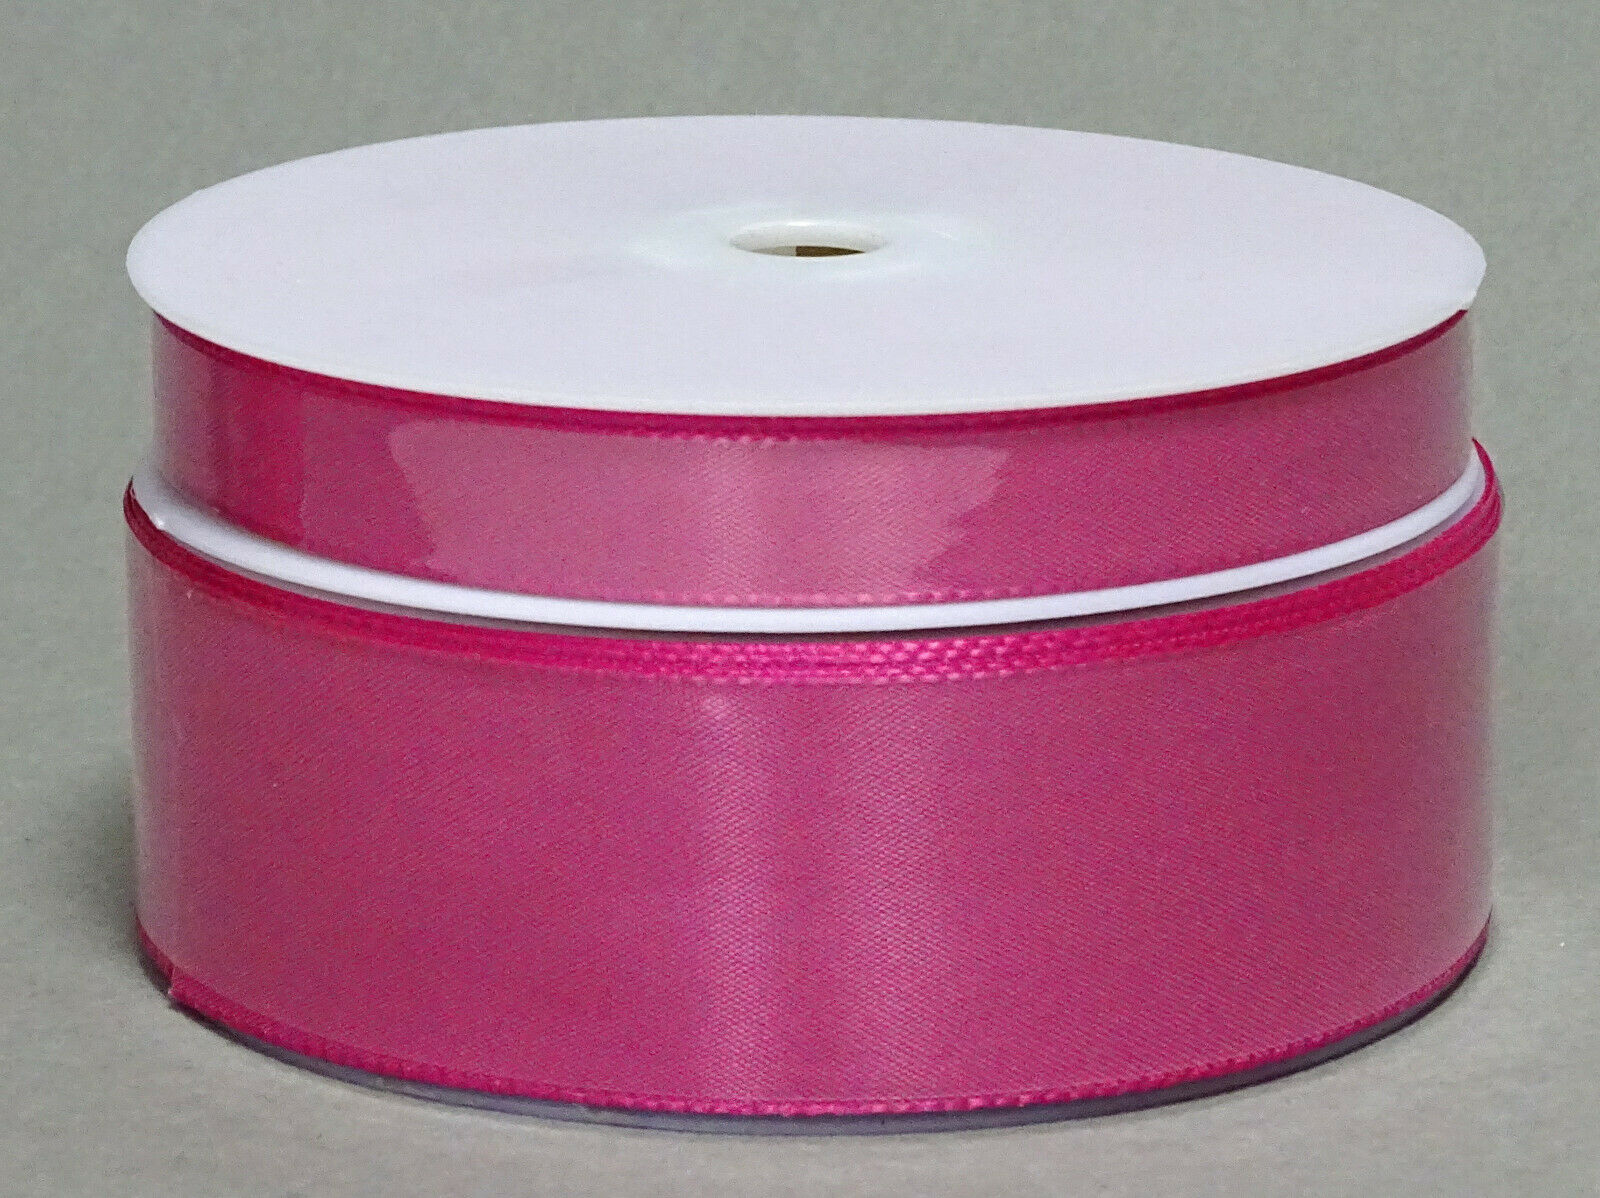 Seidenband Schleifenband 50 m x 15 mm / 40 mm Dekoband ab 0,08 €/m Geschenkband  - Pink 138, 15 mm x 50 m